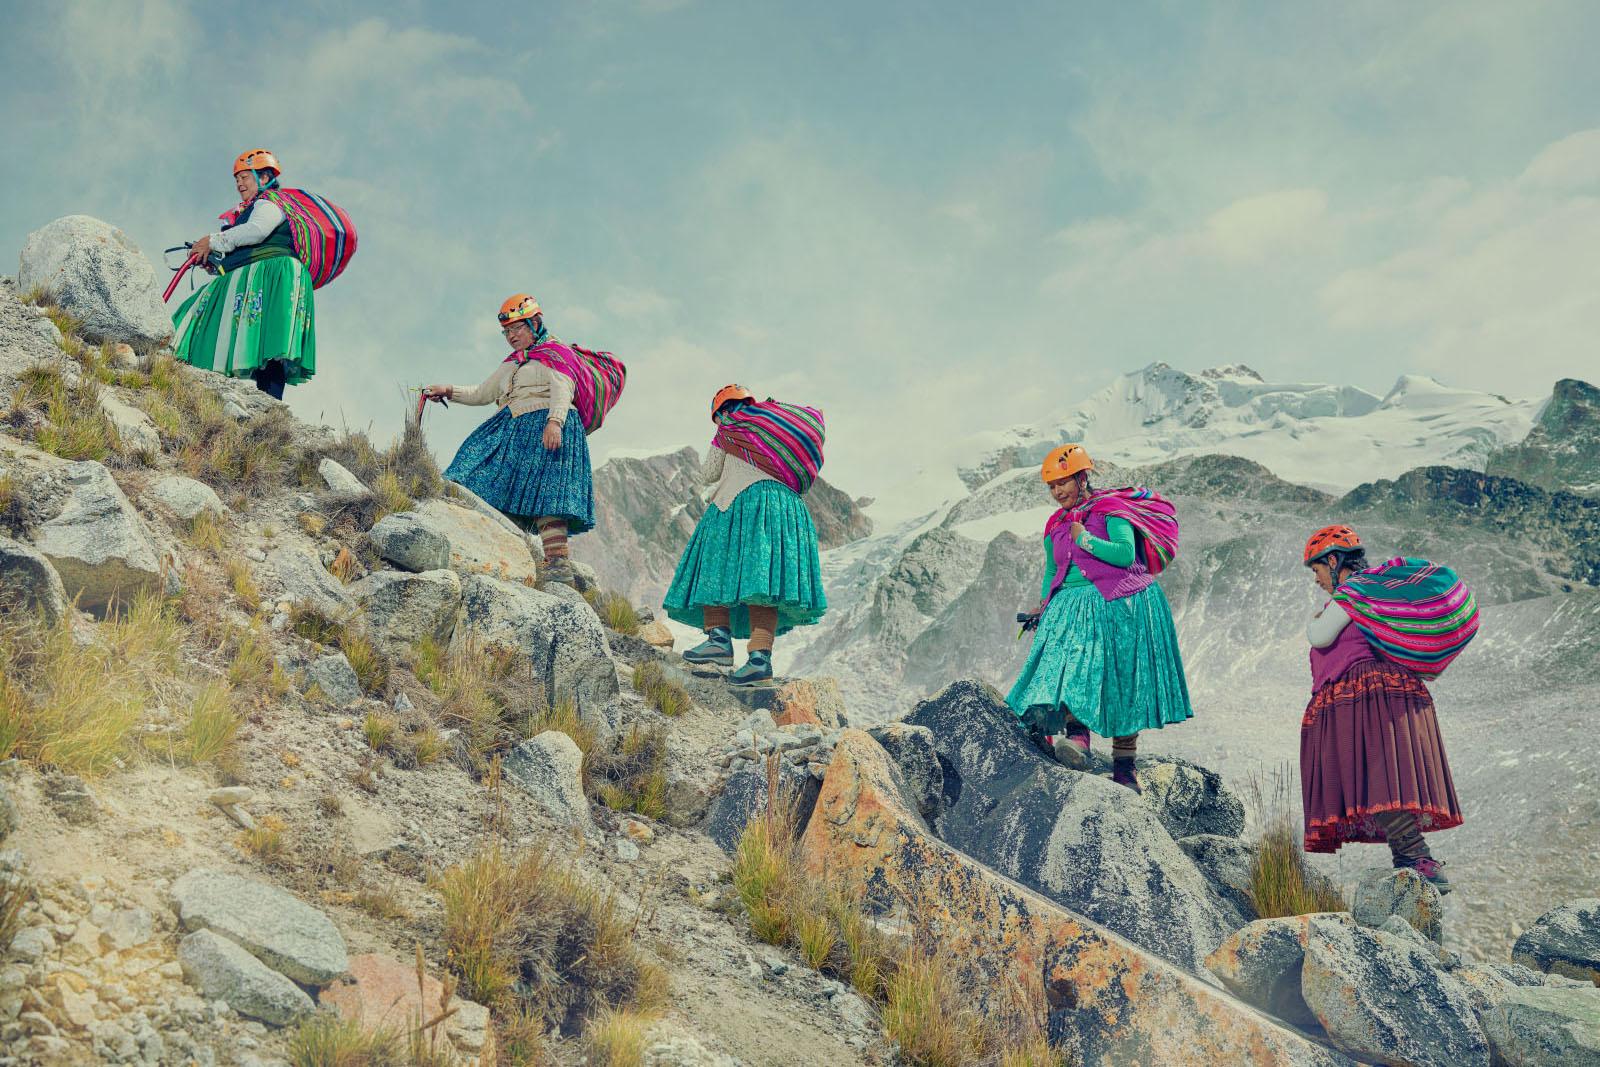 Climbing Cholitas